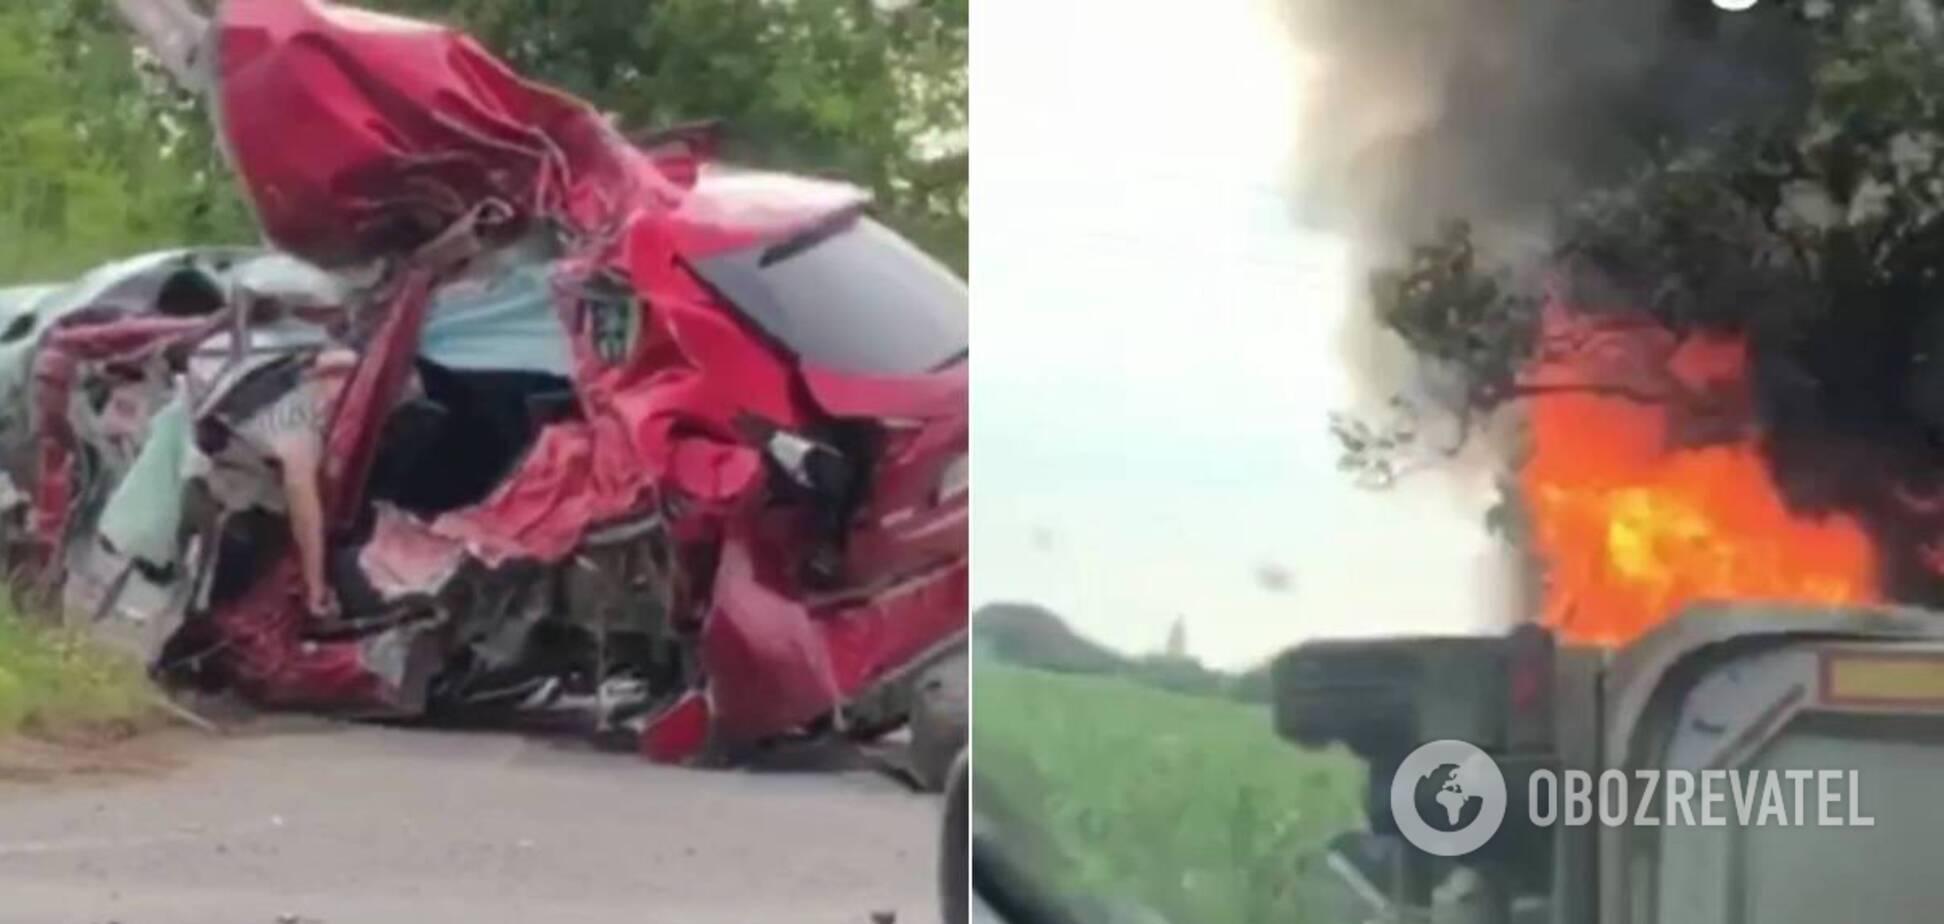 Під Мукачевом вантажівка розчавила Mazda, загинув тренер, дівчинка і хлопець. Відео з місця ДТП